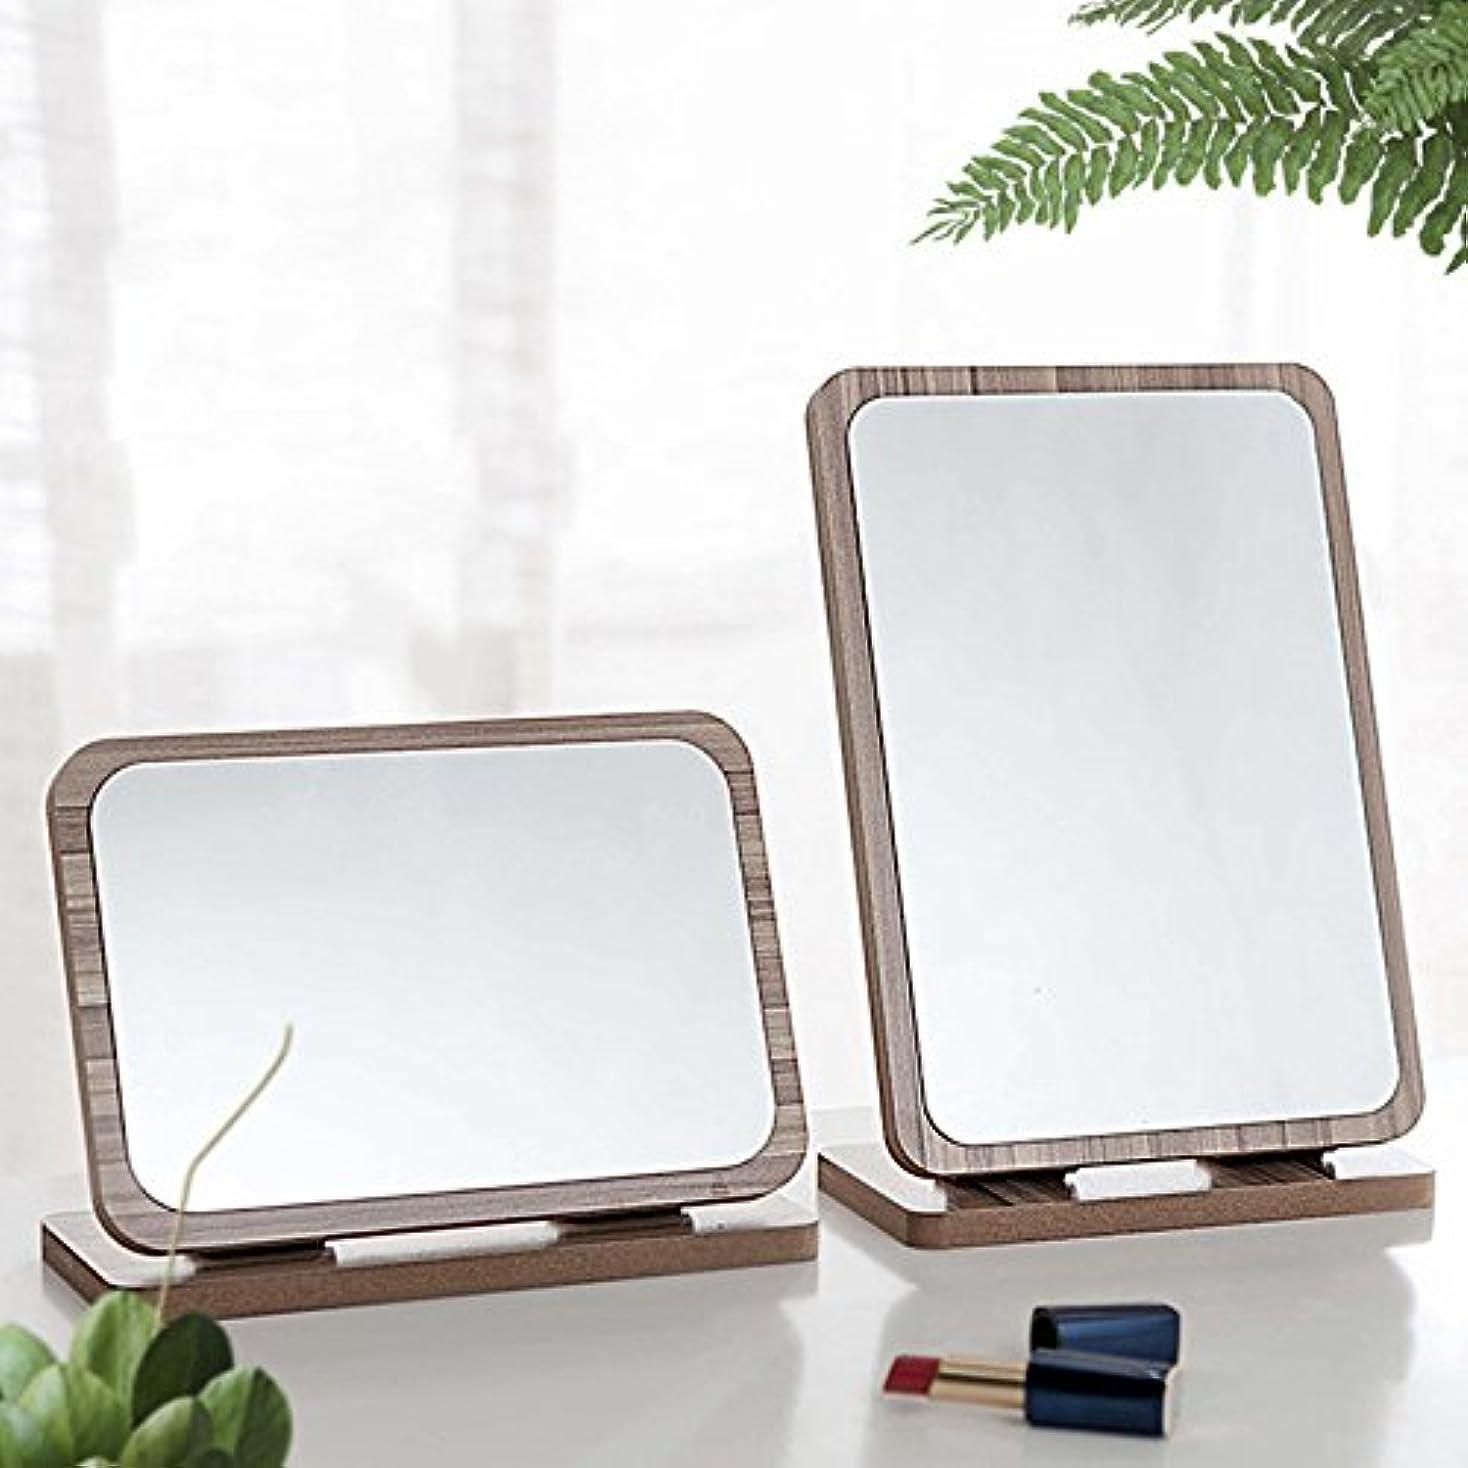 オーディション拡大するオフYZUEYT デスクトップ木製の化粧鏡3倍拡大180度回転ポータブルバニティバスルームメイクツール YZUEYT (Color : NO. 10#)